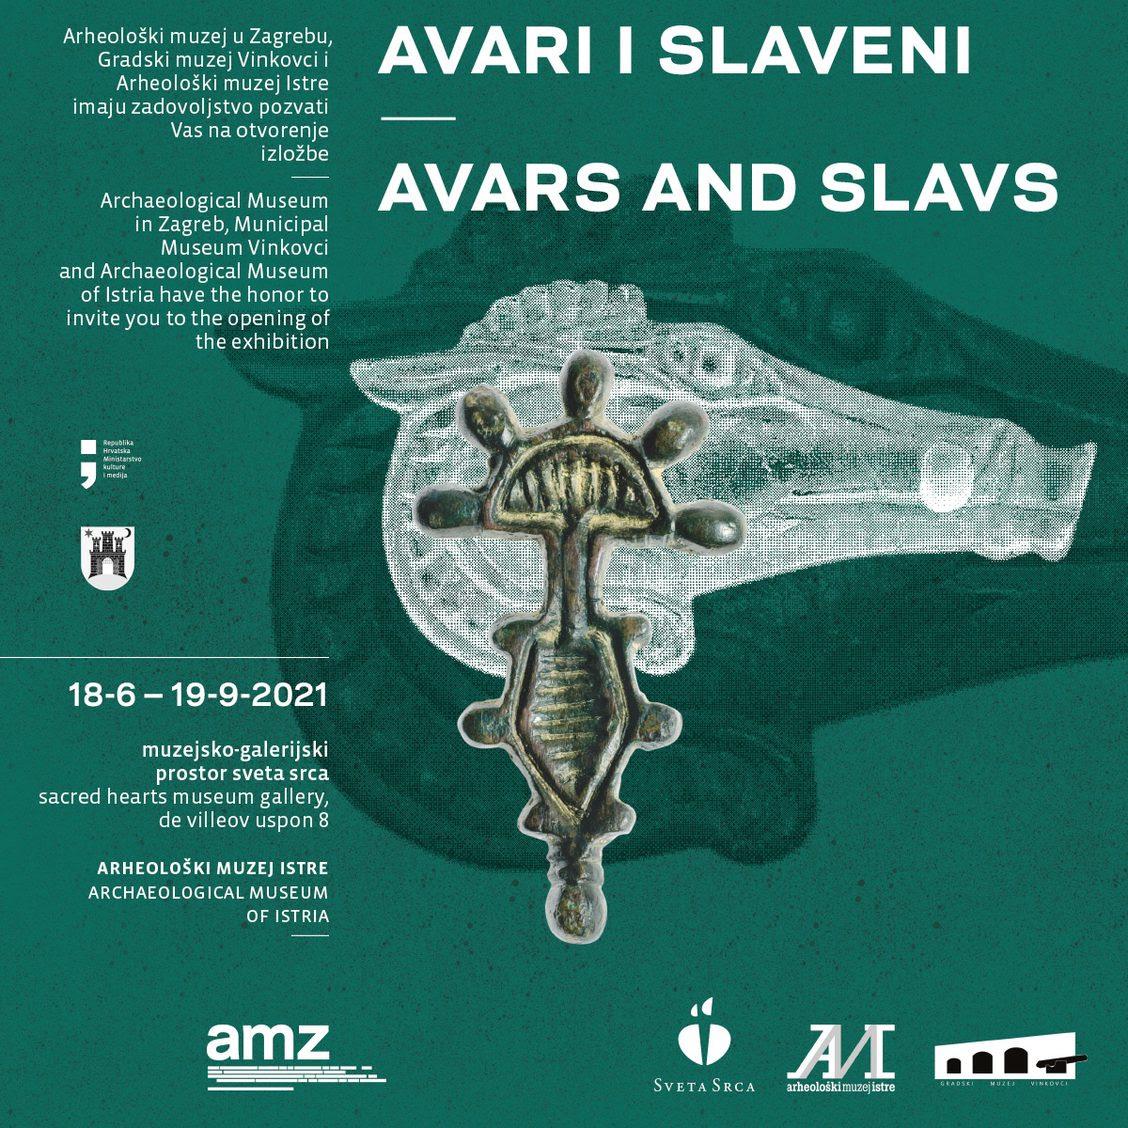 AMI – Izložba AVARI I SLAVENI JUŽNO OD DRAVE u Muzejsko-galerijskom prostoru Sveta Srca (PRESS)